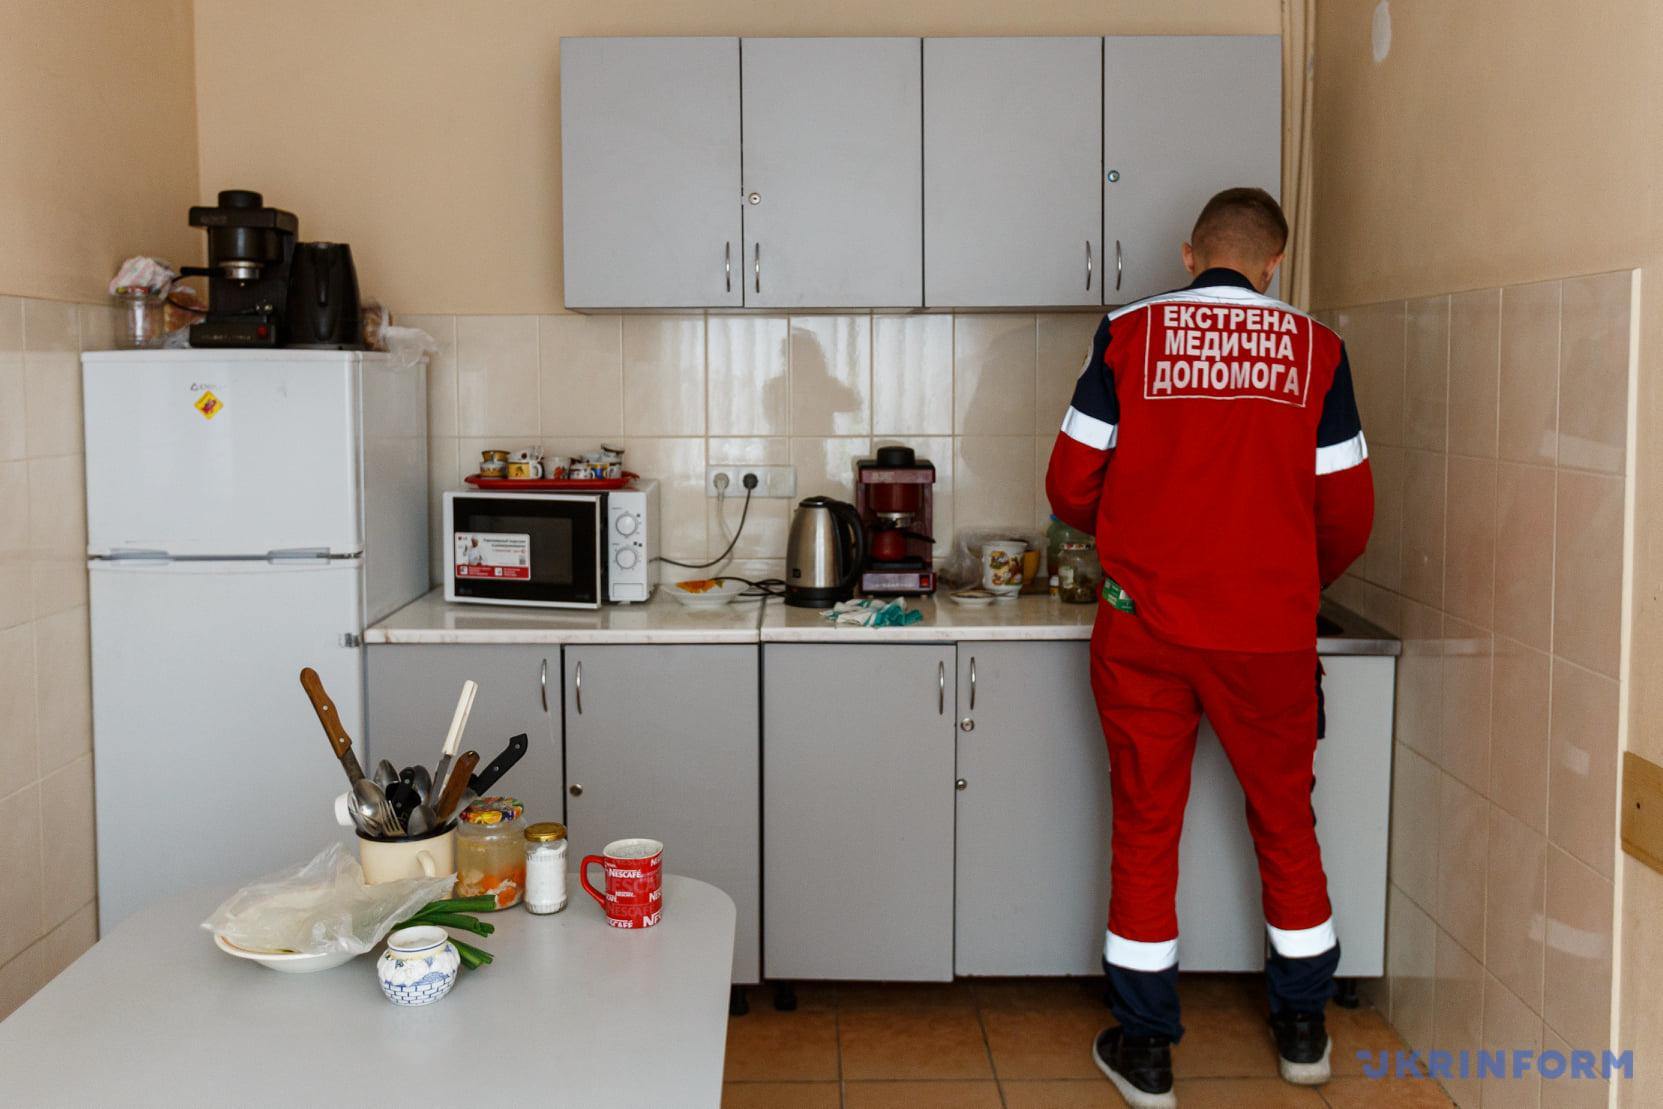 працівник екстреної медичної допомоги на кухні станції